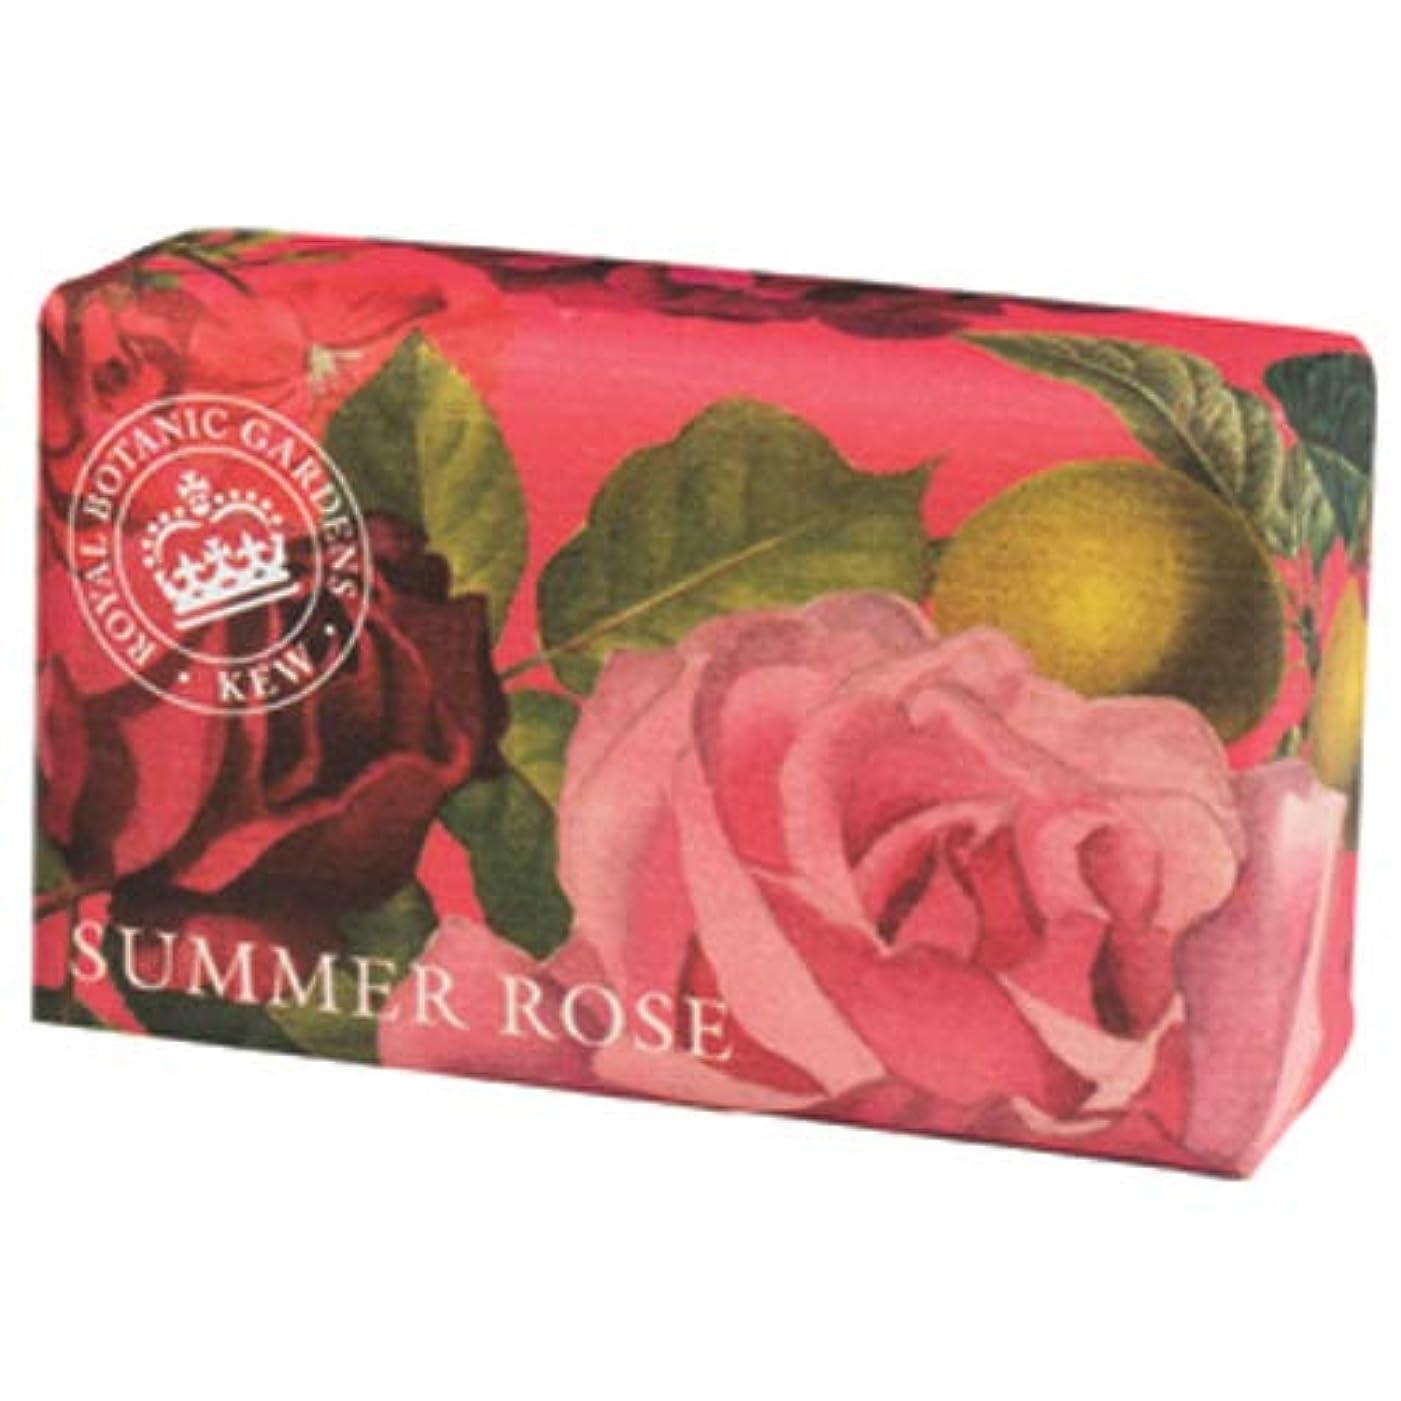 ハム気質契約English Soap Company イングリッシュソープカンパニー KEW GARDEN キュー?ガーデン Luxury Shea Soaps シアソープ Summer Rose サマーローズ